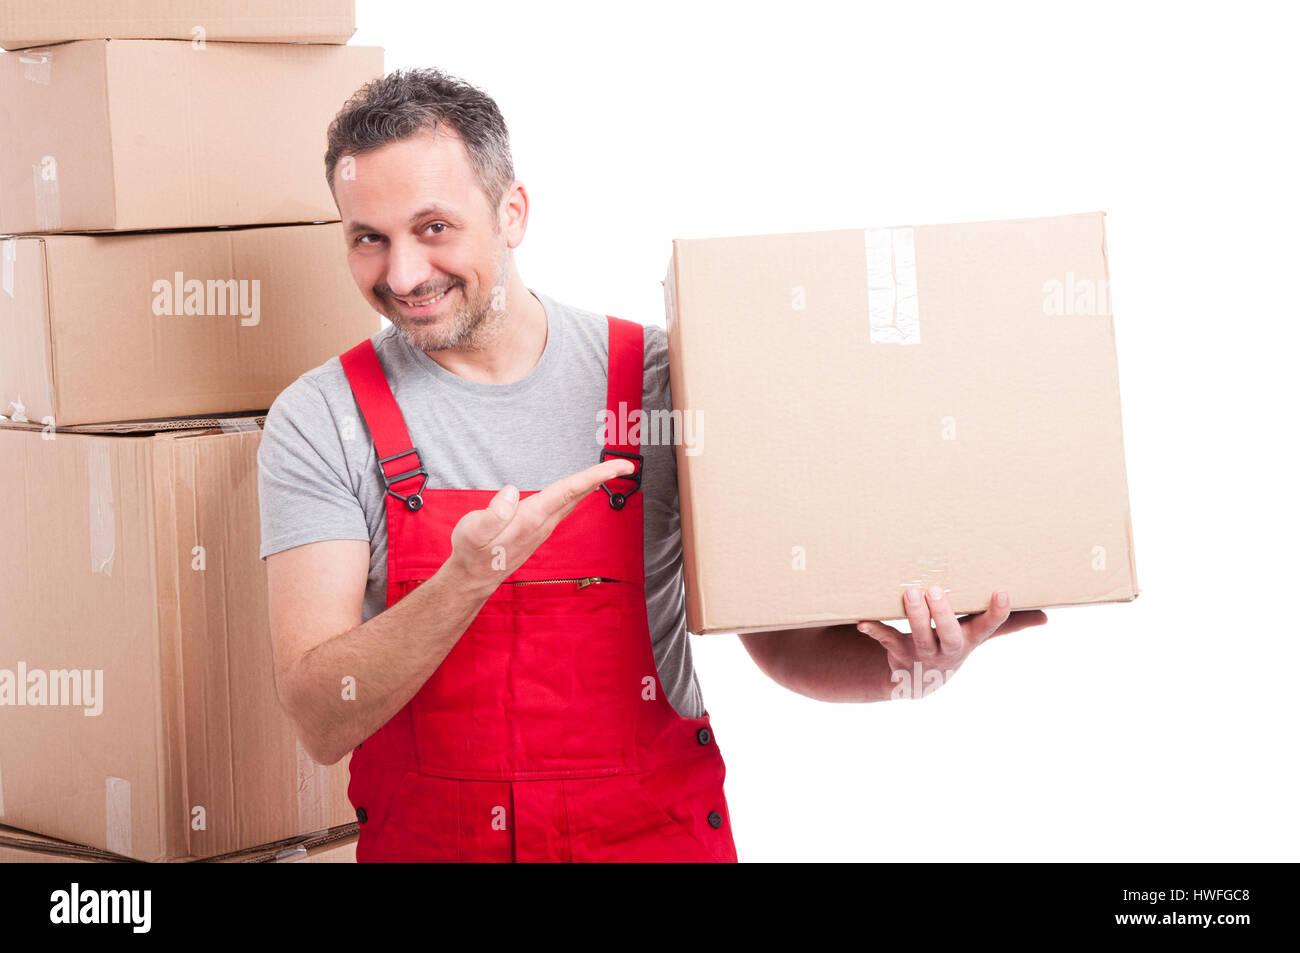 Mover ragazzo indossa rosso azienda globale e che mostra una grande scatola di cartone e sorridente isolati su sfondo Immagini Stock